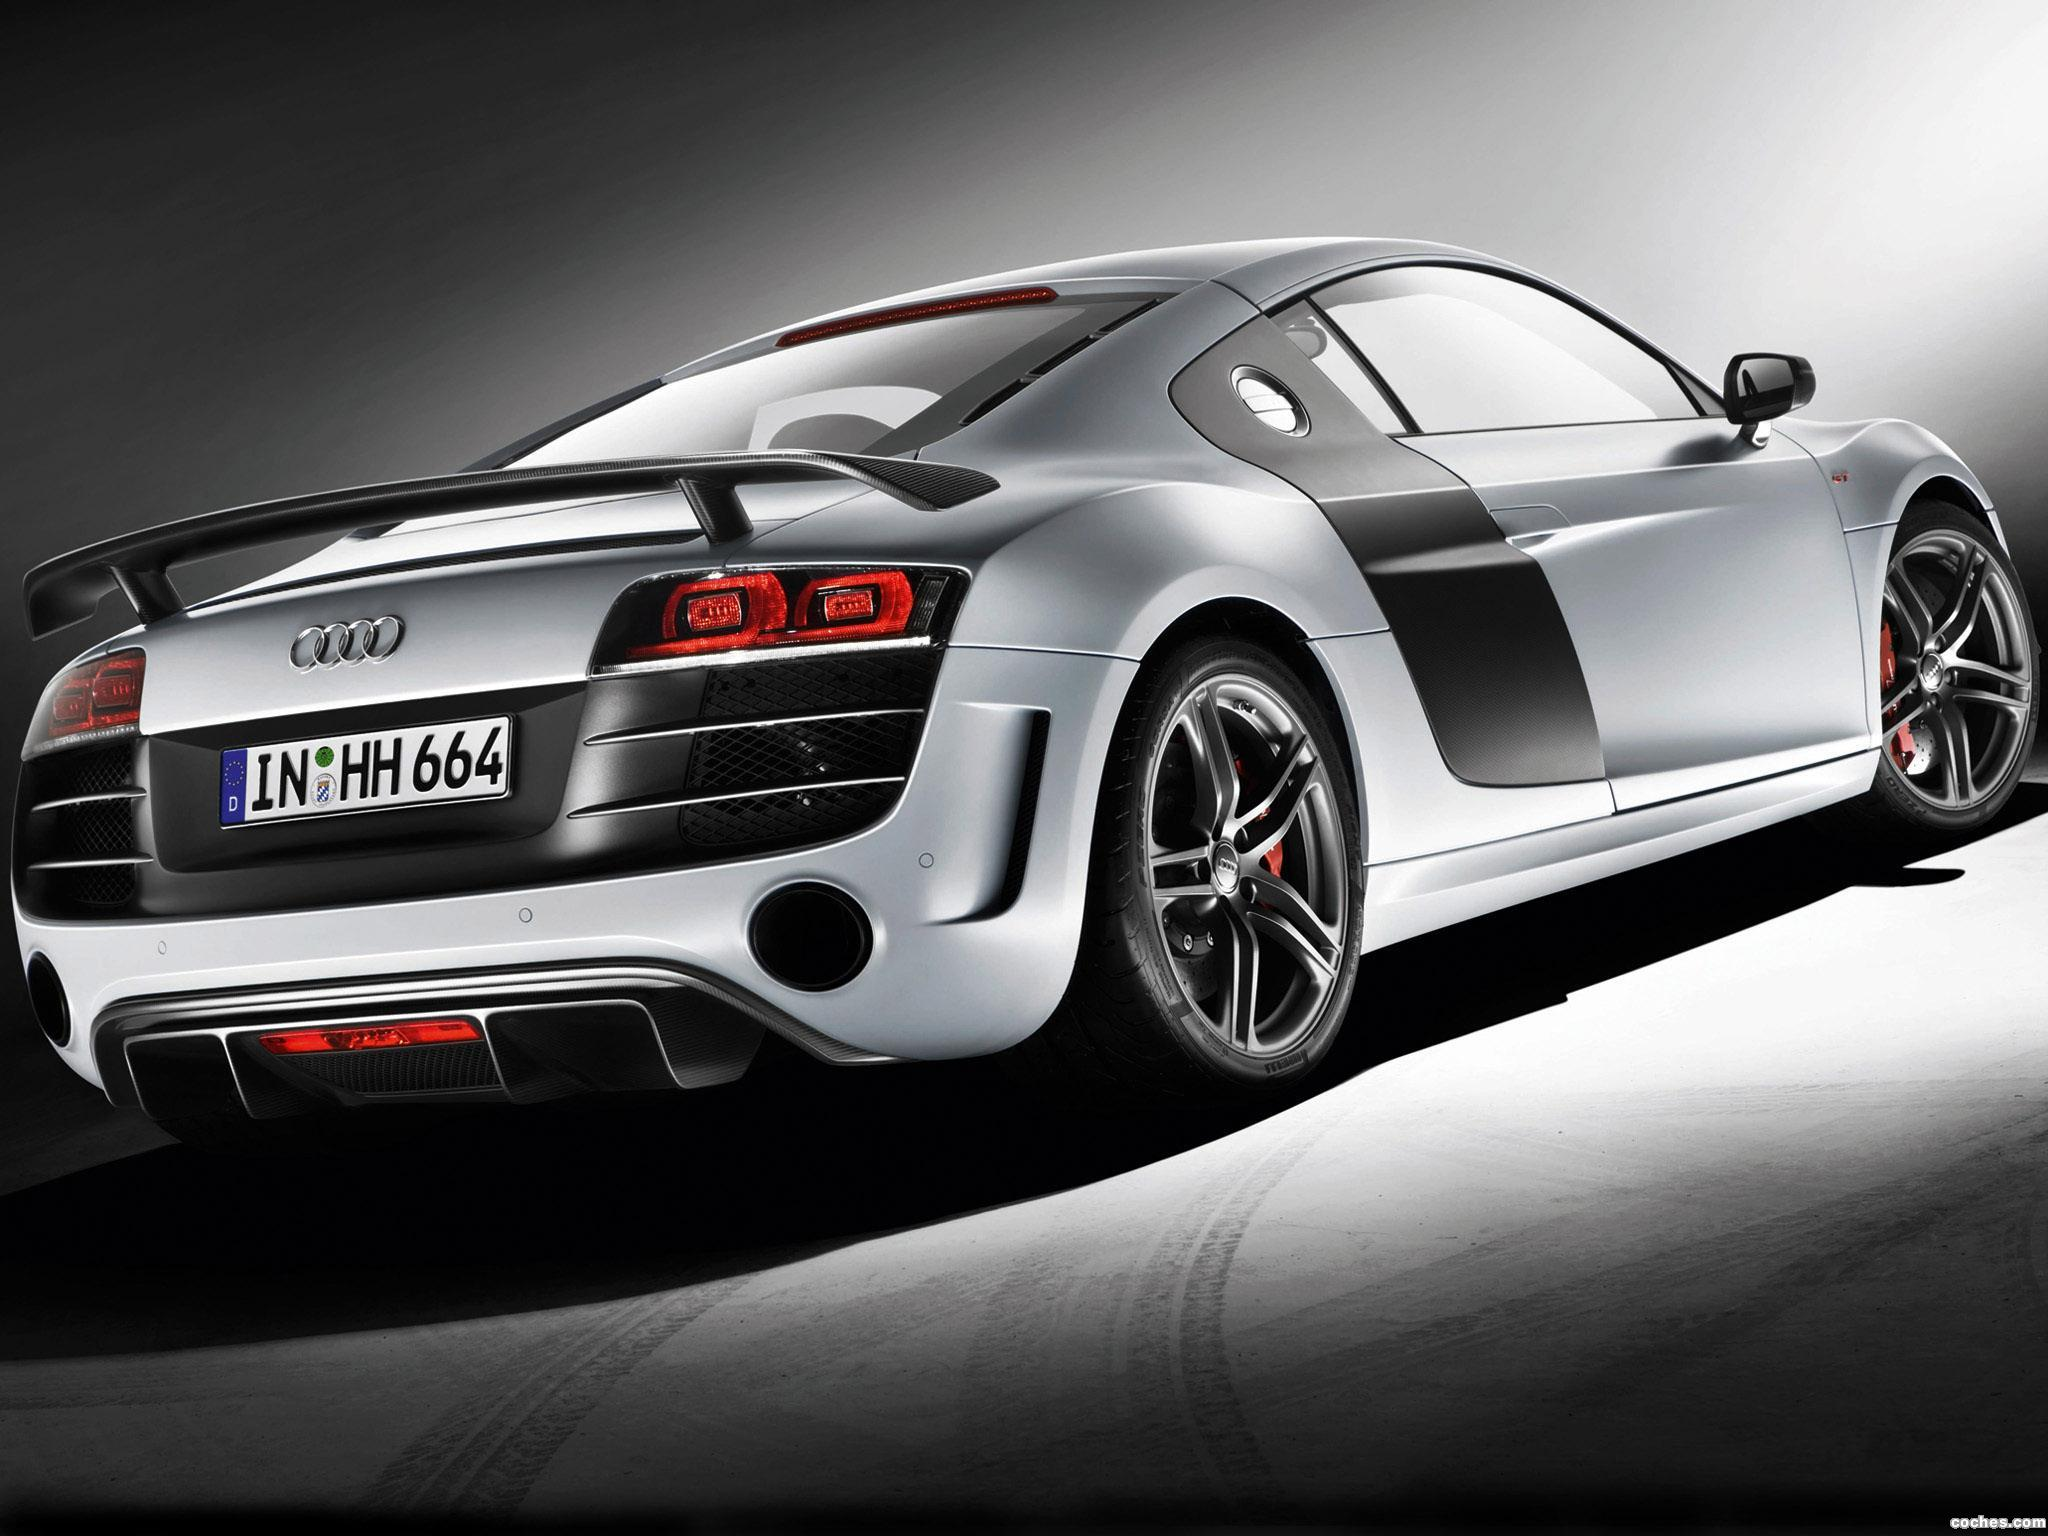 Foto 1 de Audi R8 V10 GT 2010